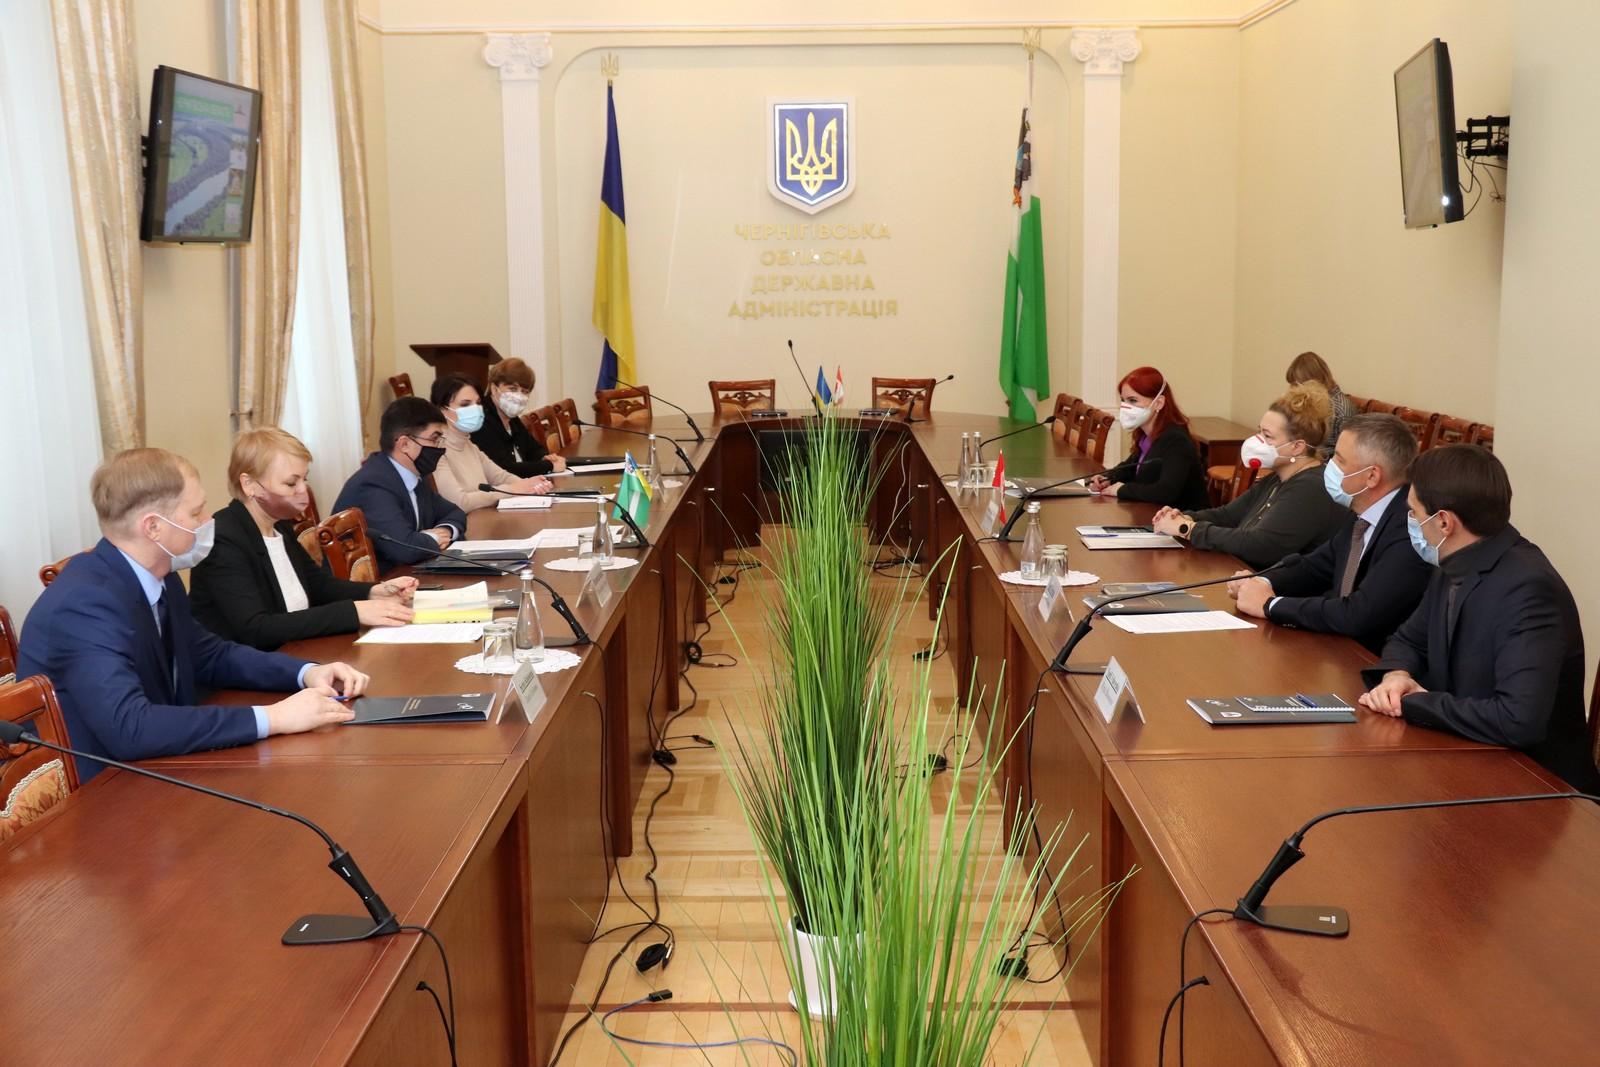 2021 01 13 surge 1 Областная Программа развития инвестиционной, внешнеэкономической и выставочно-ярмарочной деятельности Черниговской области